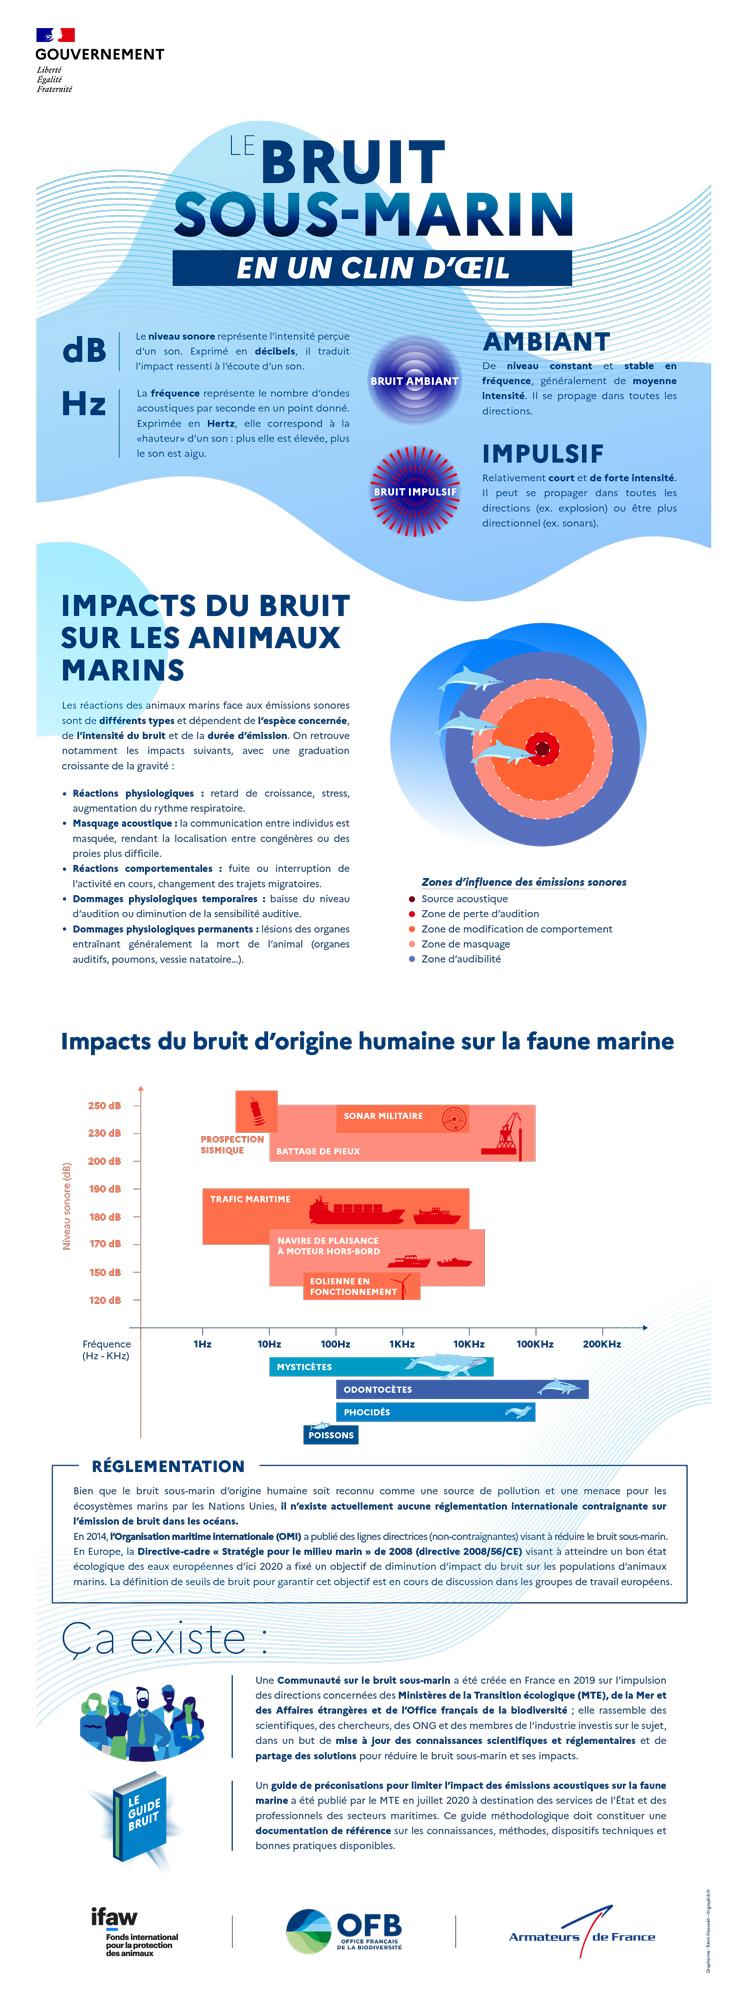 Infographie générique le bruit sous-marin